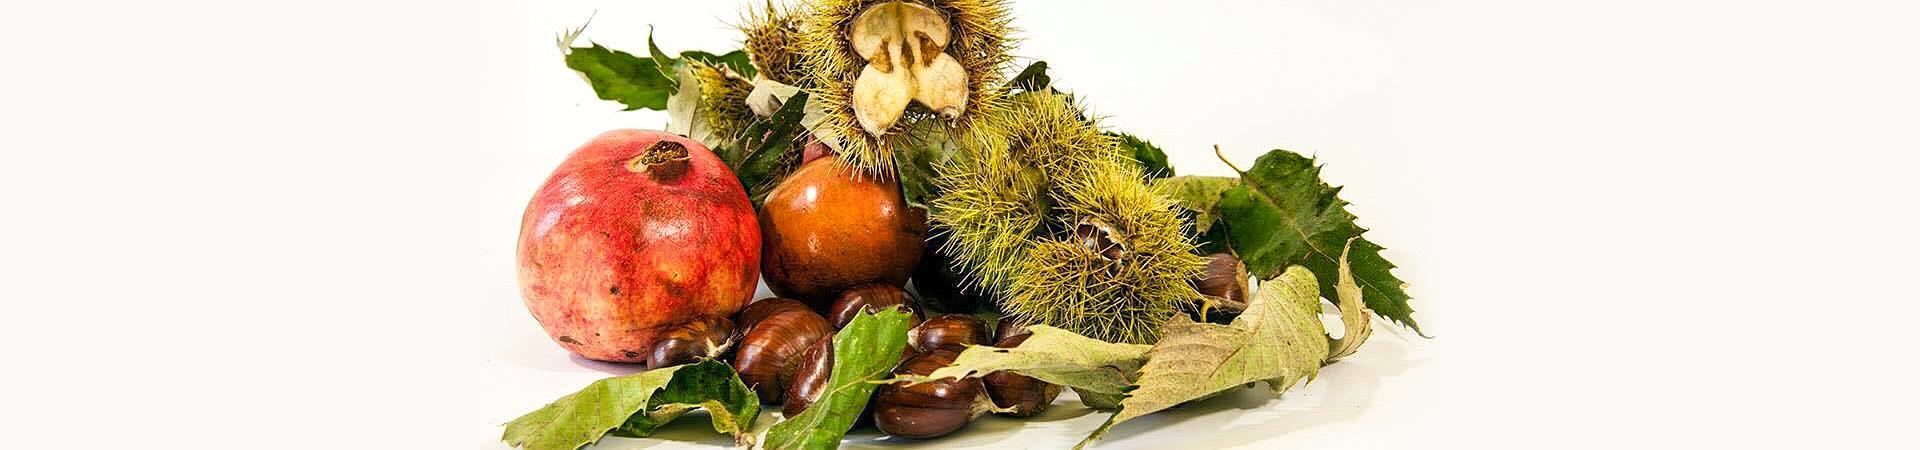 natura morta - giovanna pitotti biologo nutrizionista